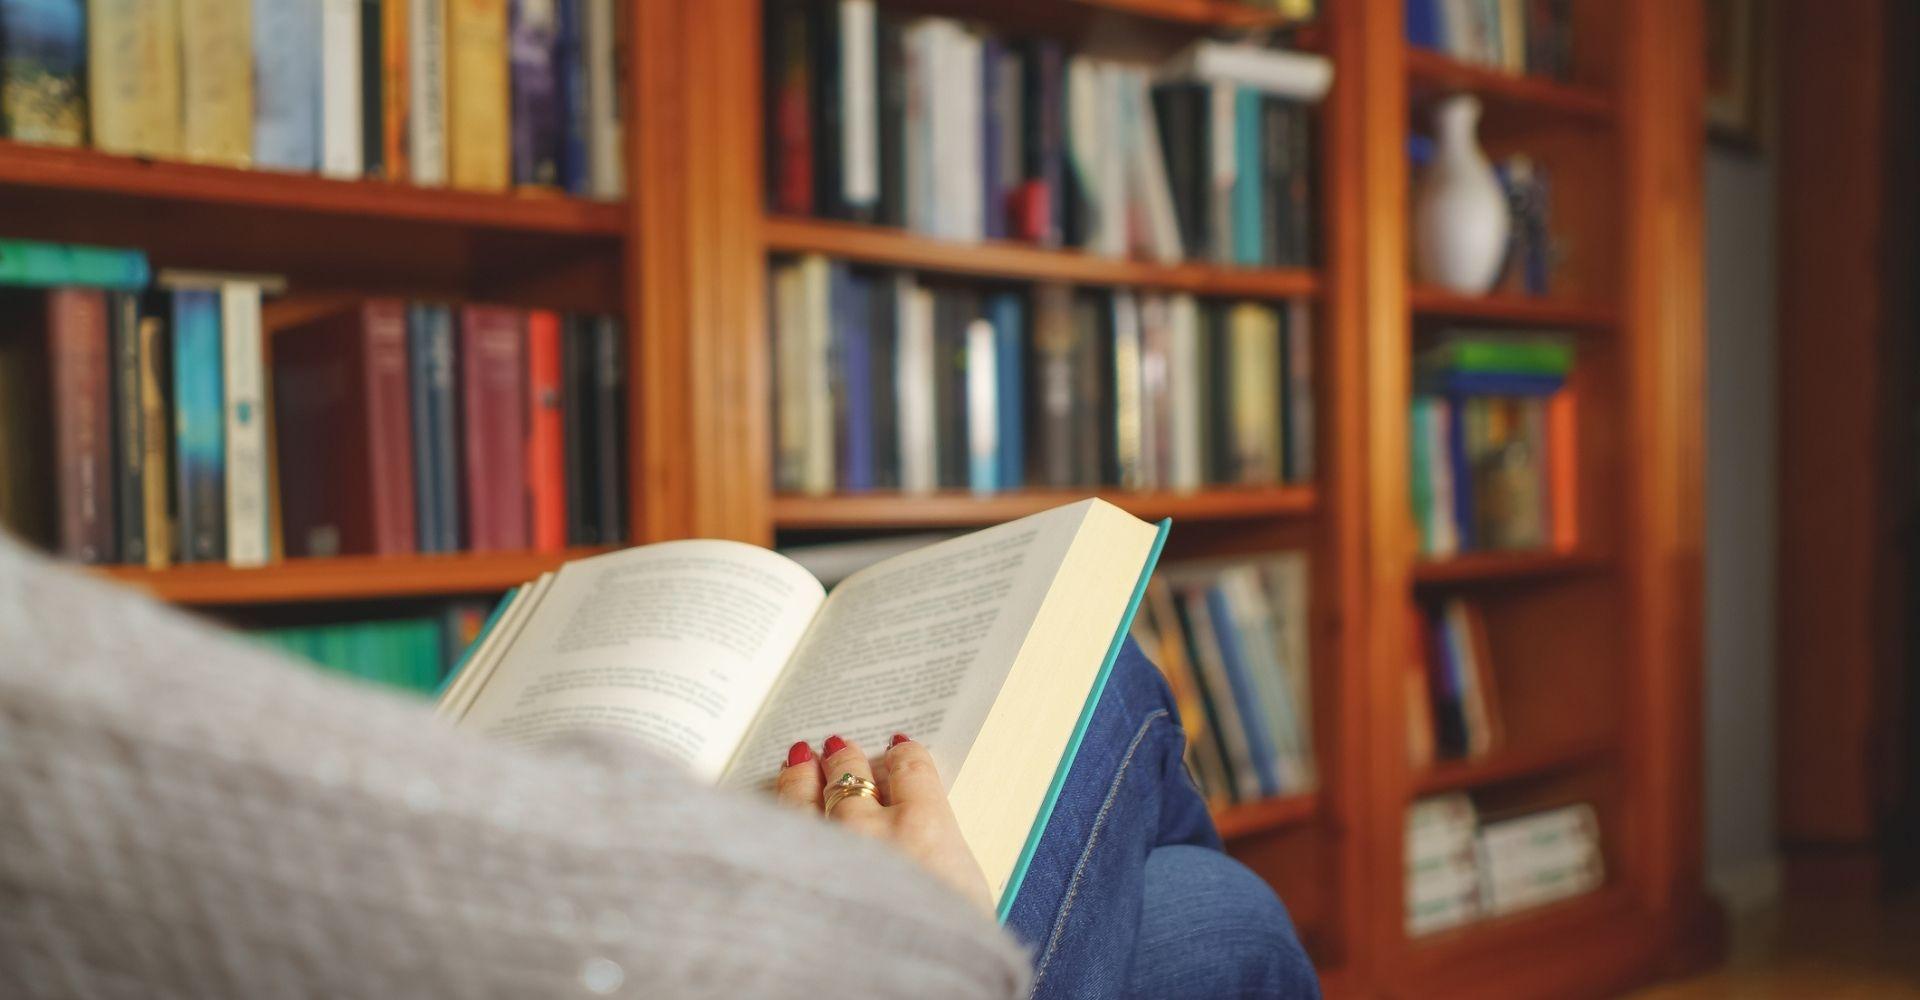 Bookdealer e ilLibraio.it insieme per favorire l'incontro tra lettori e librerie indipendenti